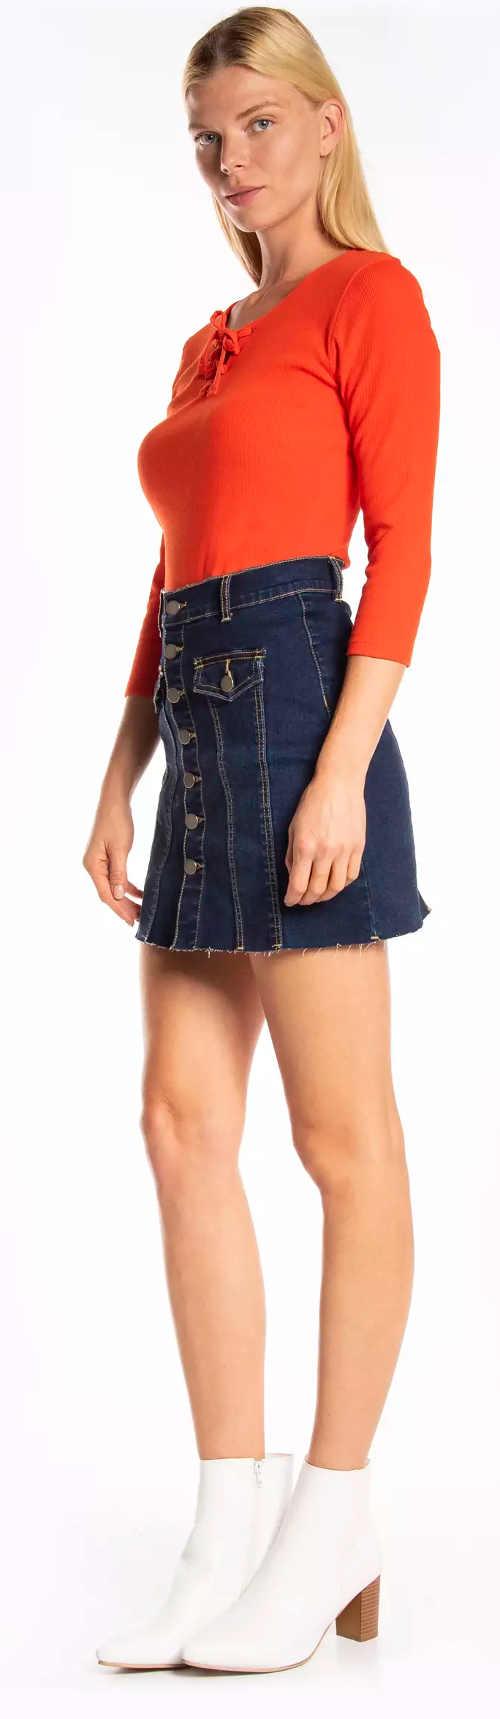 Tmavomodrá džínsová minisukňa pre mladých